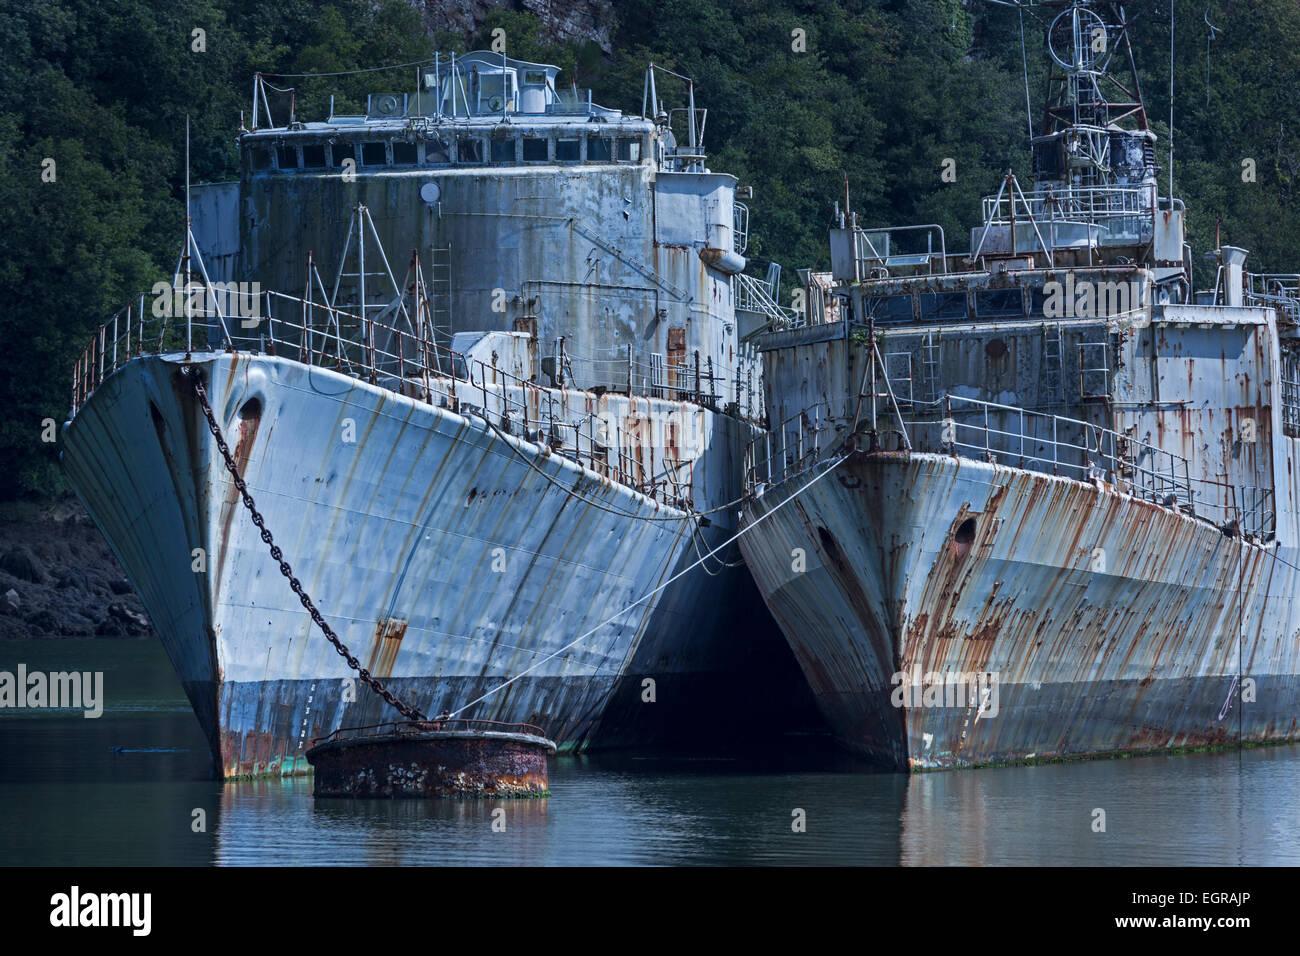 Nave cimitero di navi militari, Bretagna, Francia, Europa Immagini Stock